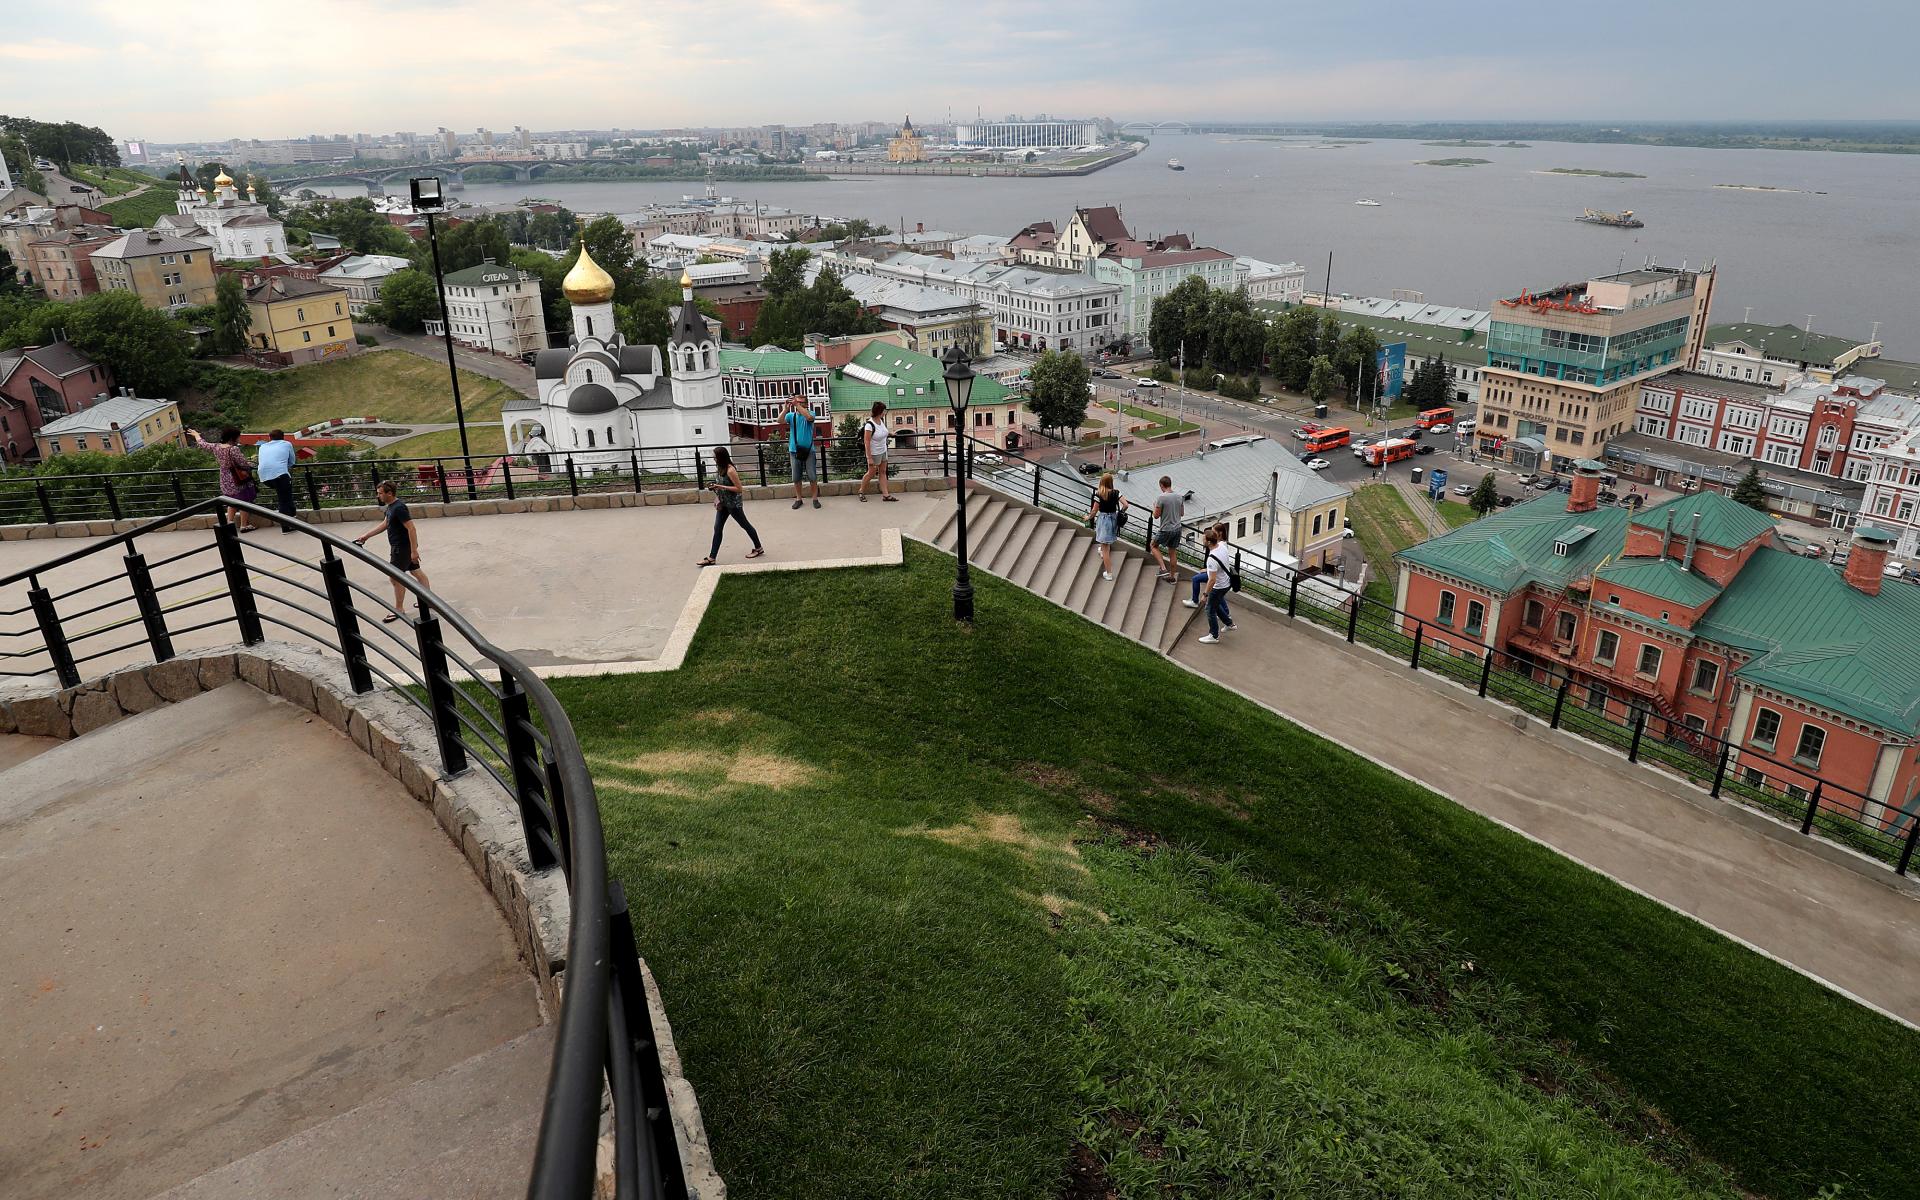 За год предложение на рынке жилья Нижнего Новгорода увеличилось на 180%